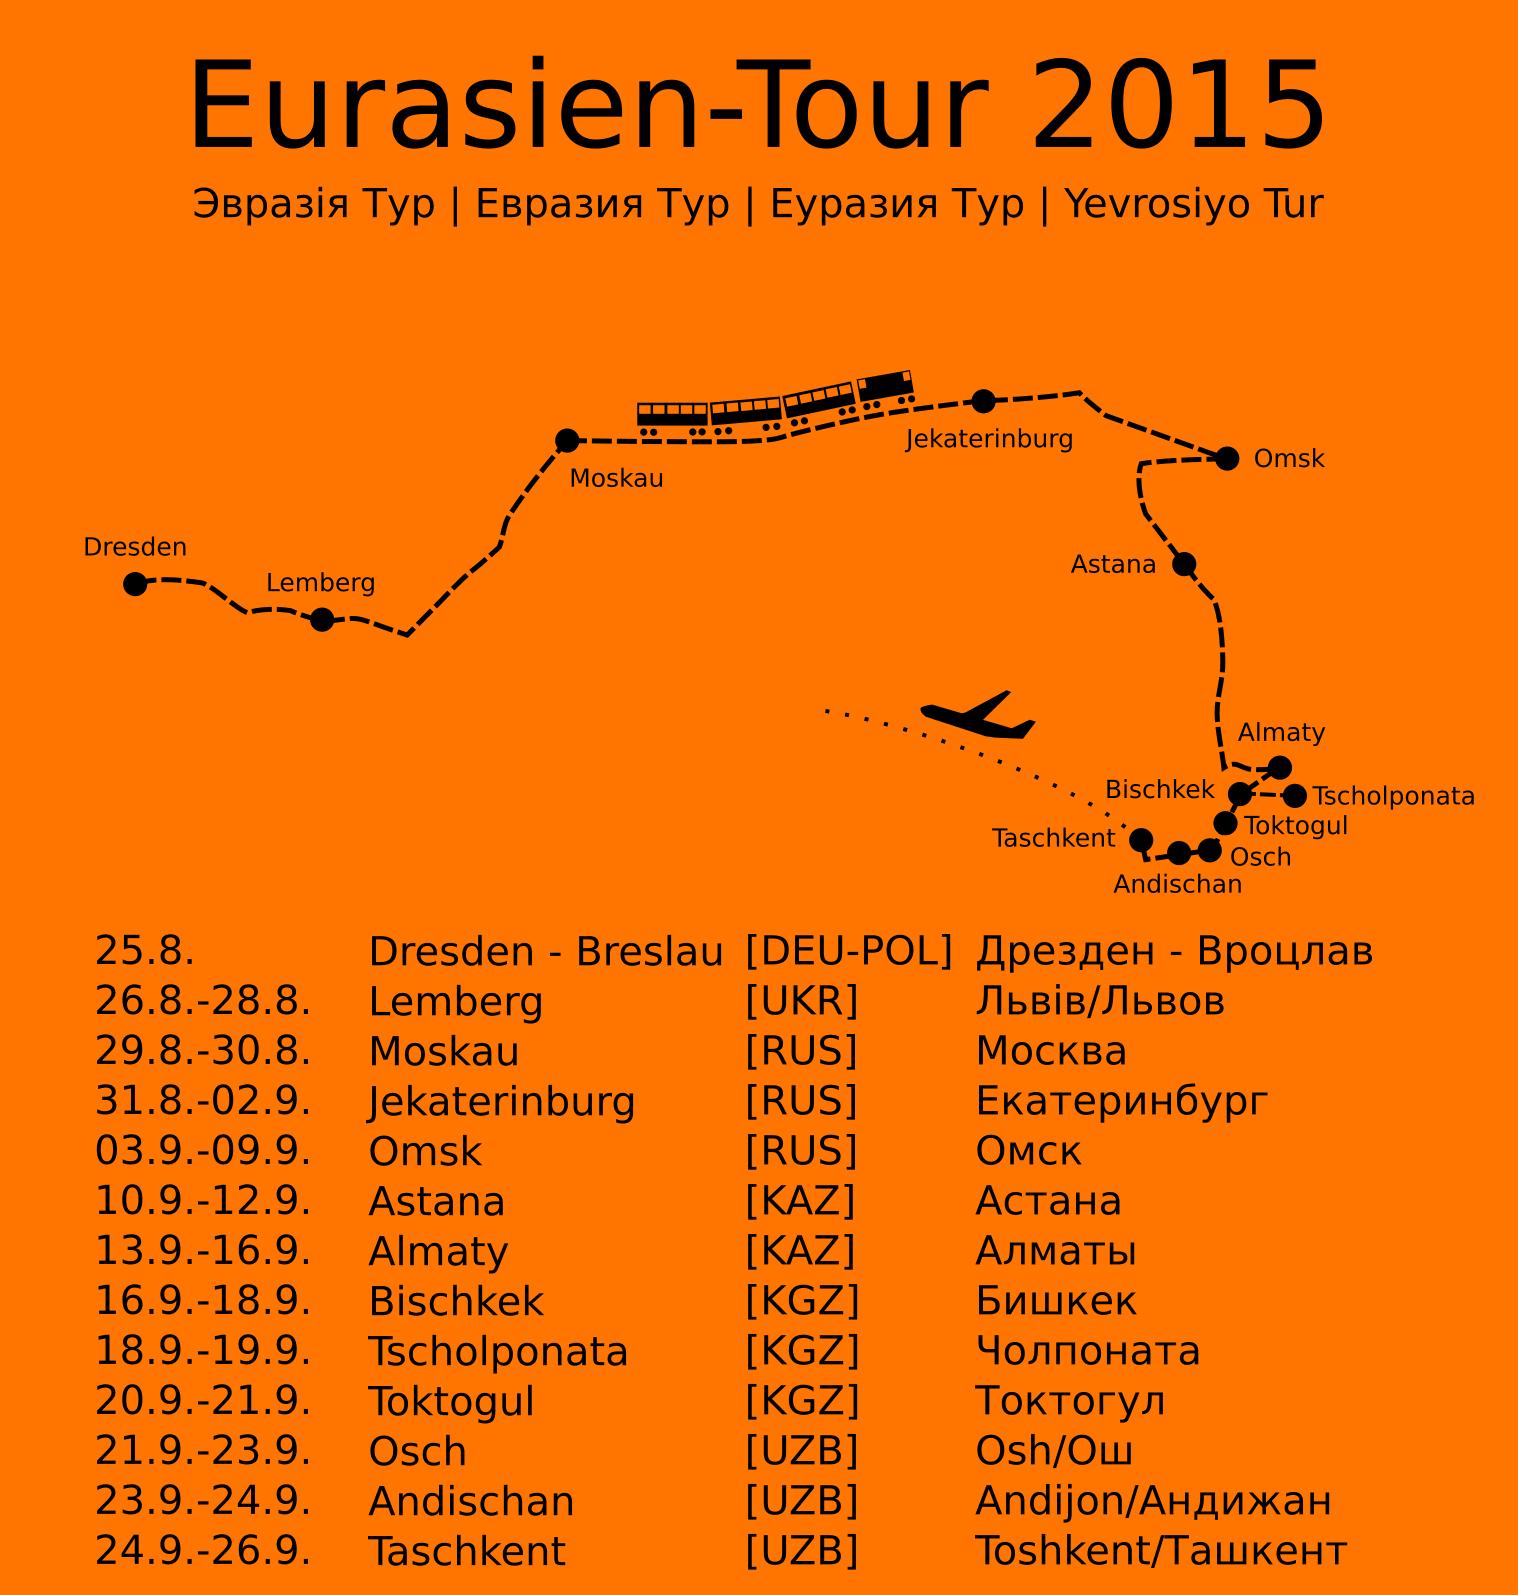 Die Reiseroute der Eurasien-Tour 2015